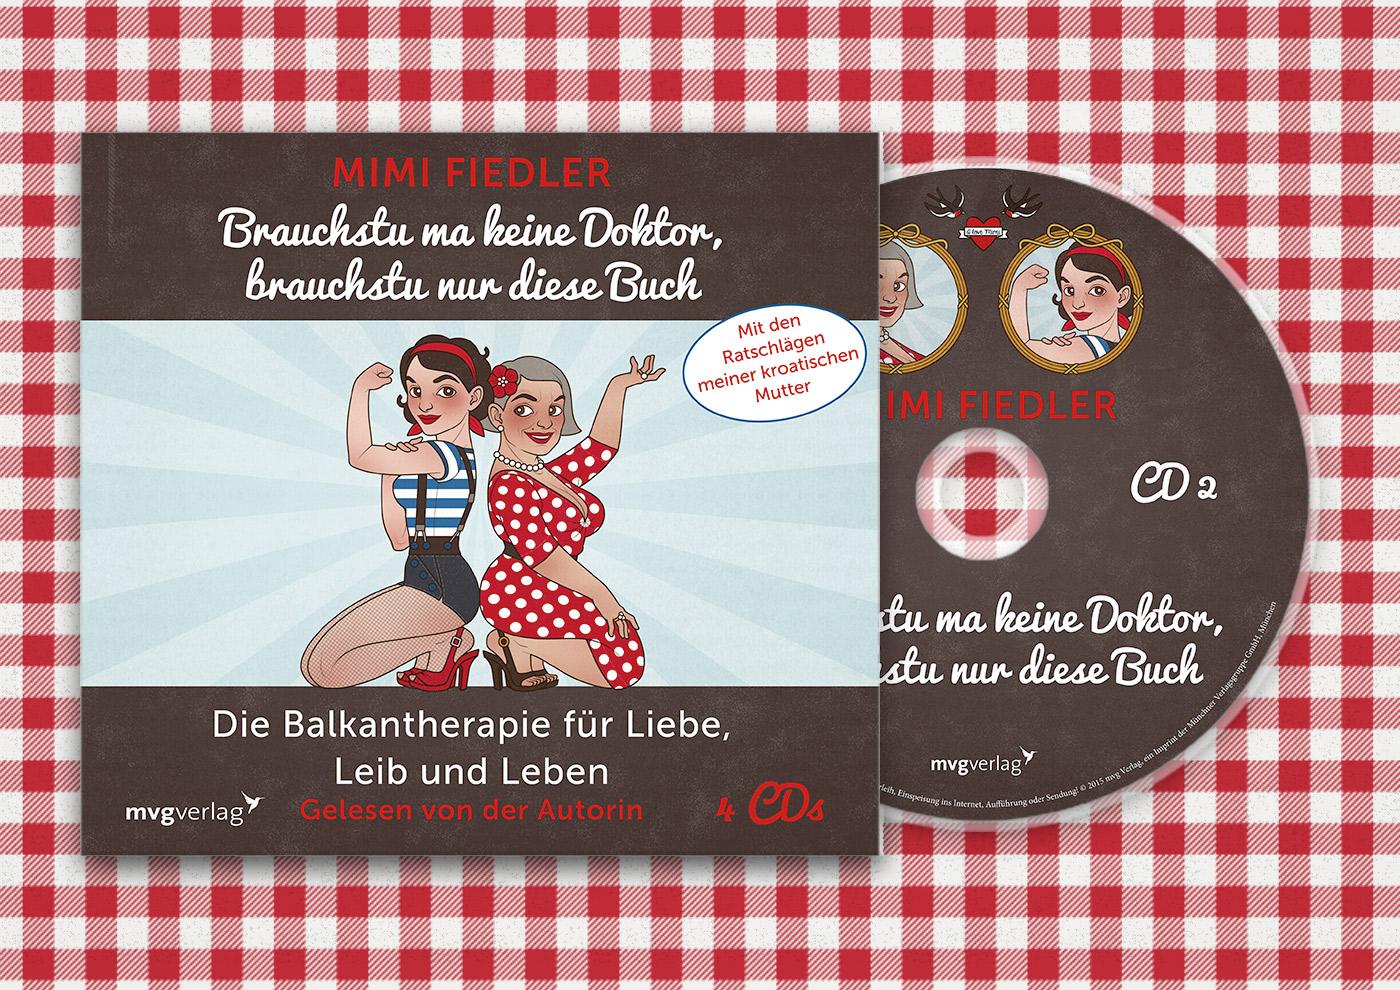 Hörbuch mit CDs Brauchsu keine Doktor, brauchsu nur diese Buch – Die Balkantherapie für Liebe, Leib und Leben von Mimi Fiedler im MVG Verlag